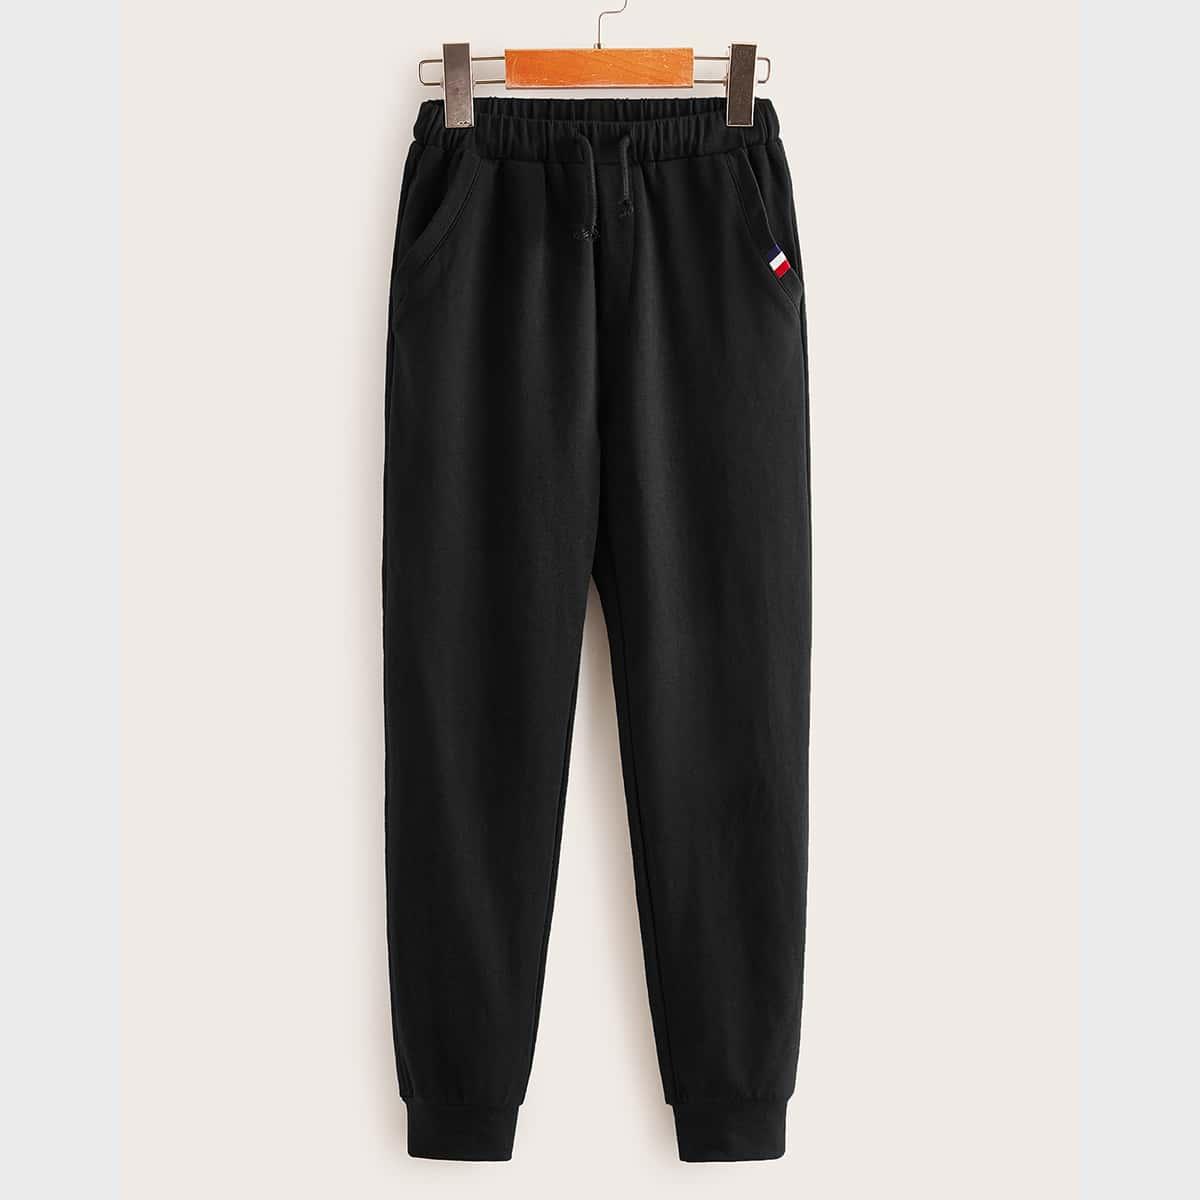 Спортивные брюки с полосками для мальчиков от SHEIN